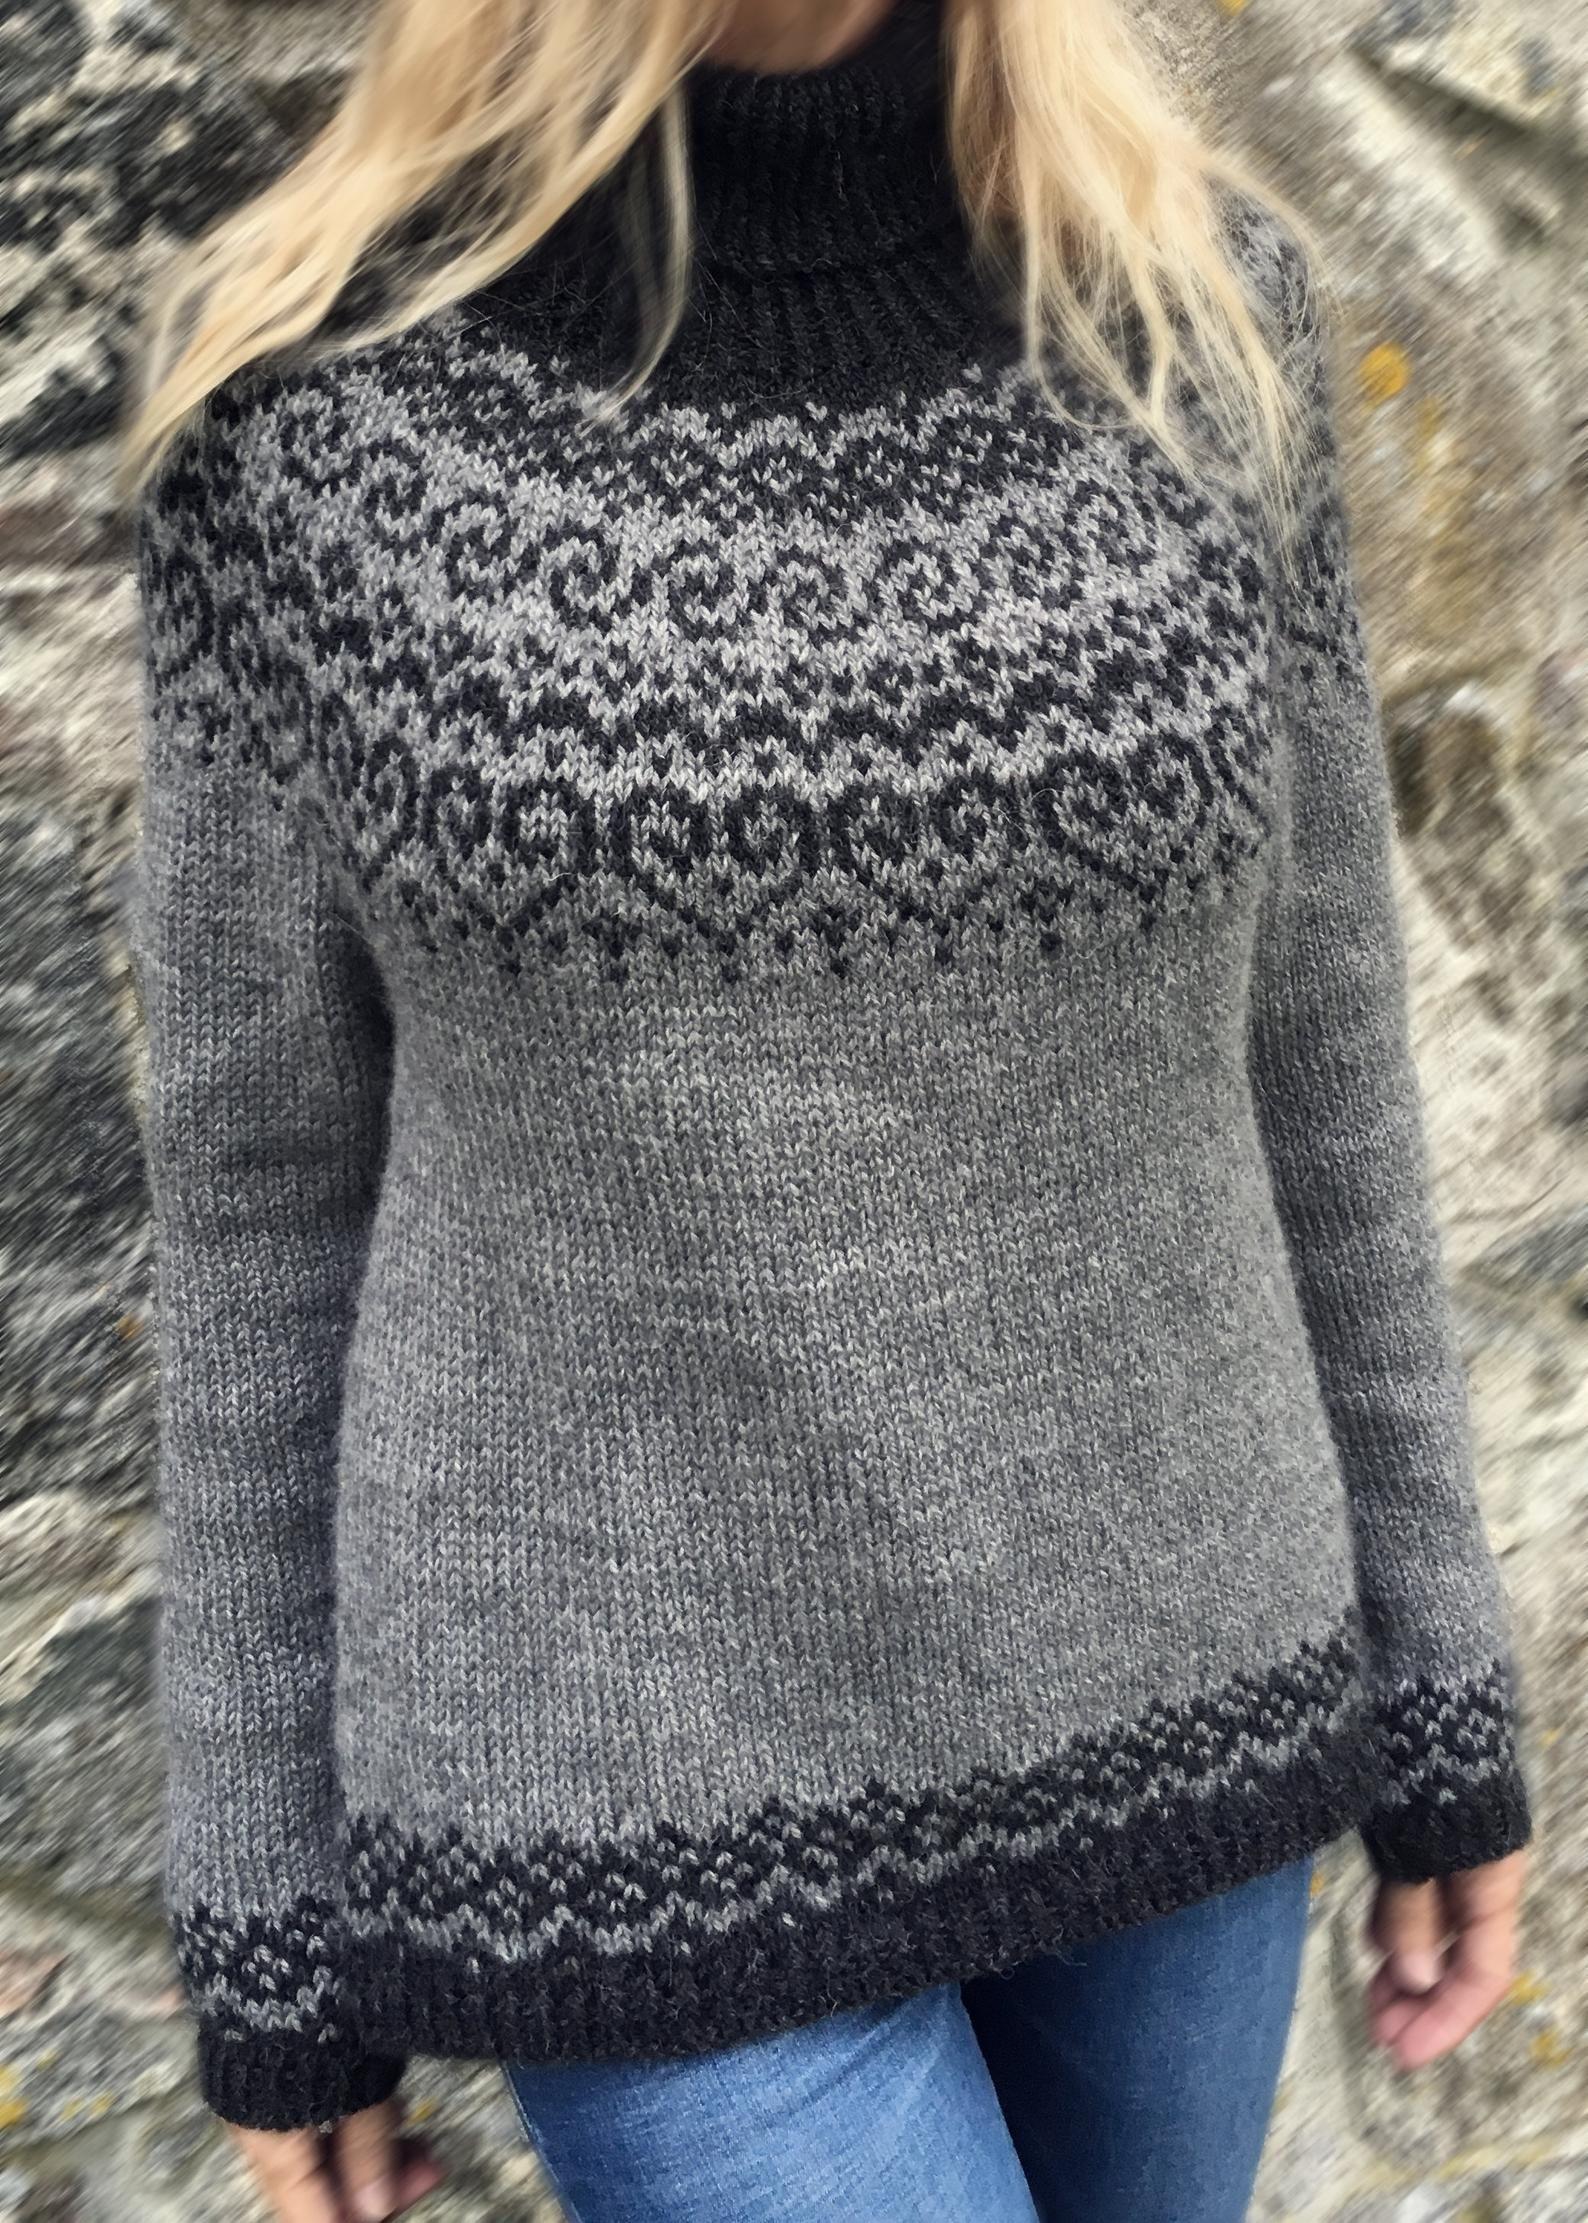 Knitting Pattern - Selja - Beautiful Norwegian Sweater ...